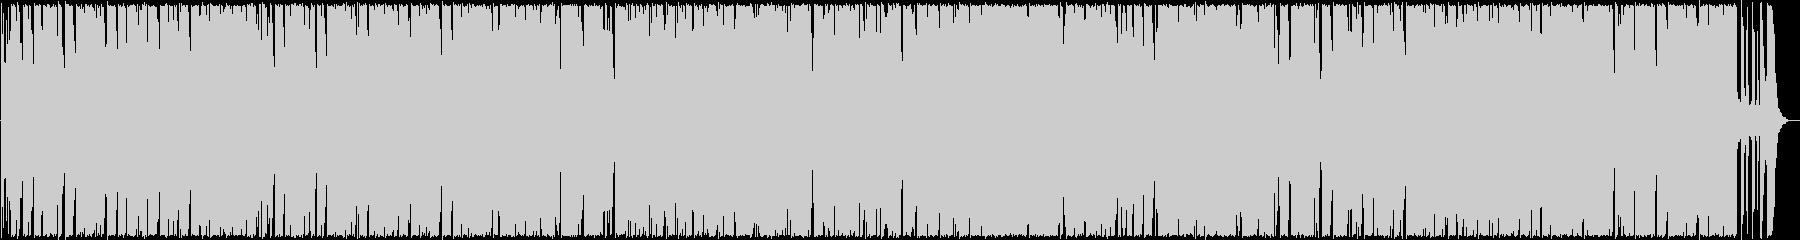 軽やかなブルース調のギターサウンドの未再生の波形